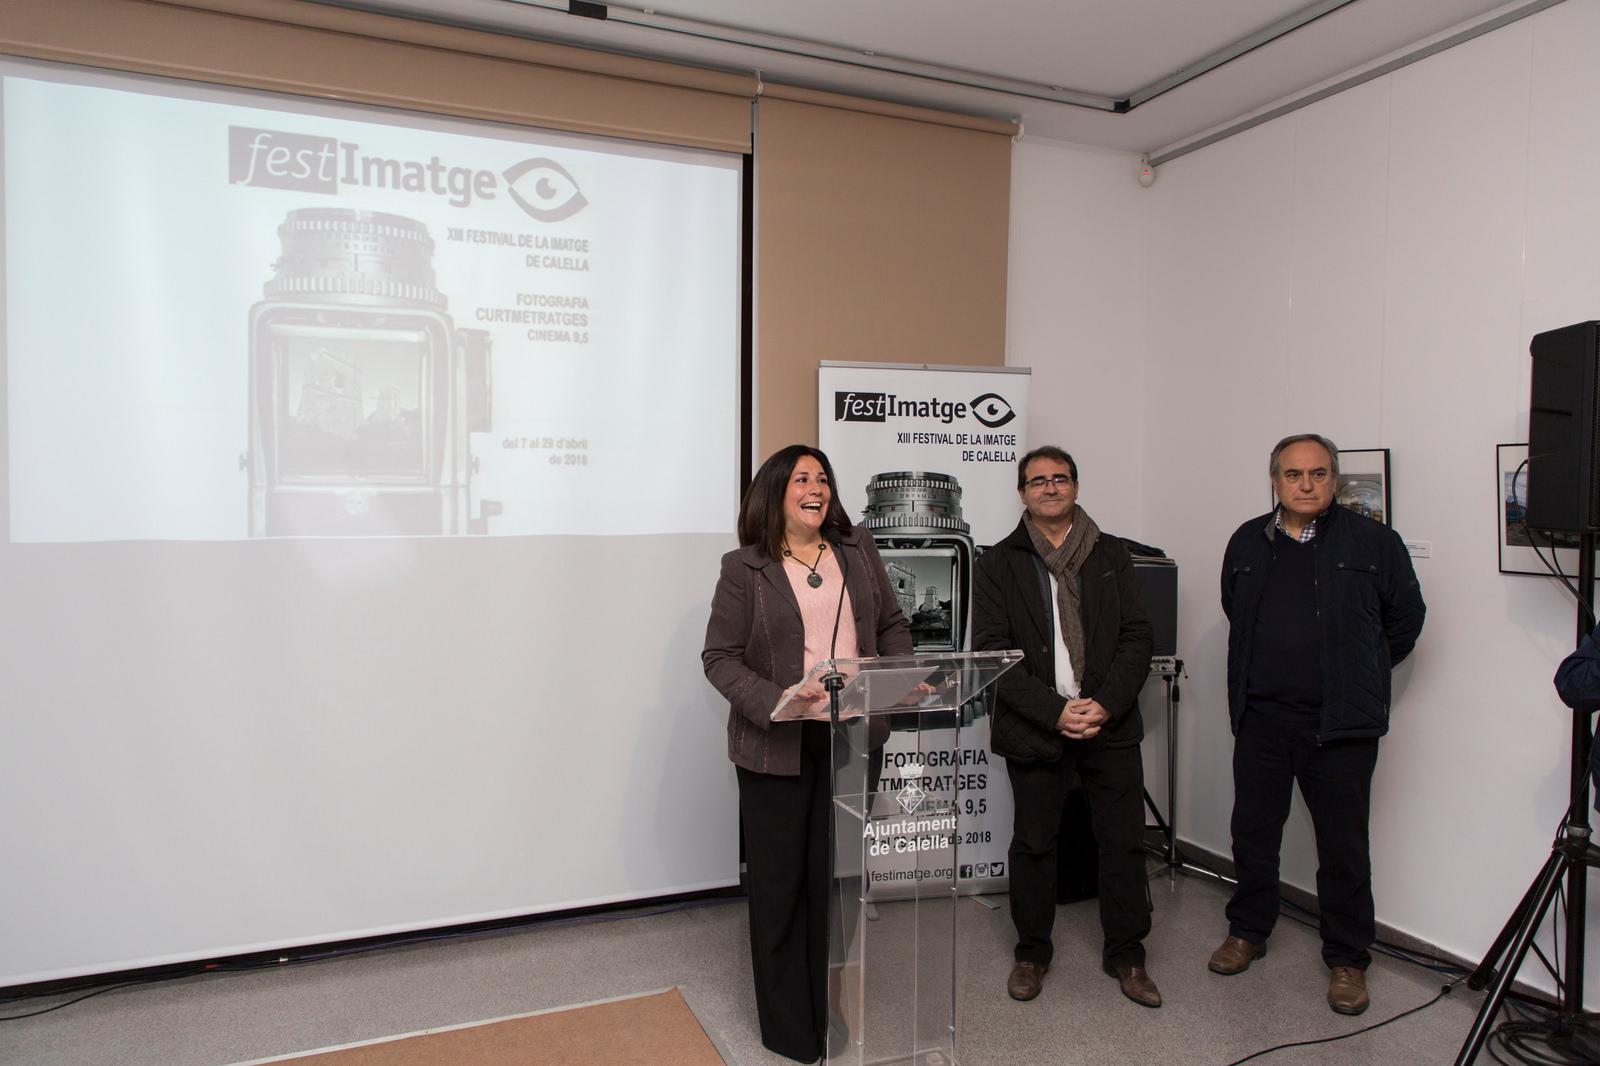 Presentación Inaguración Festimatge - Abril 2018 gabinete de prensa